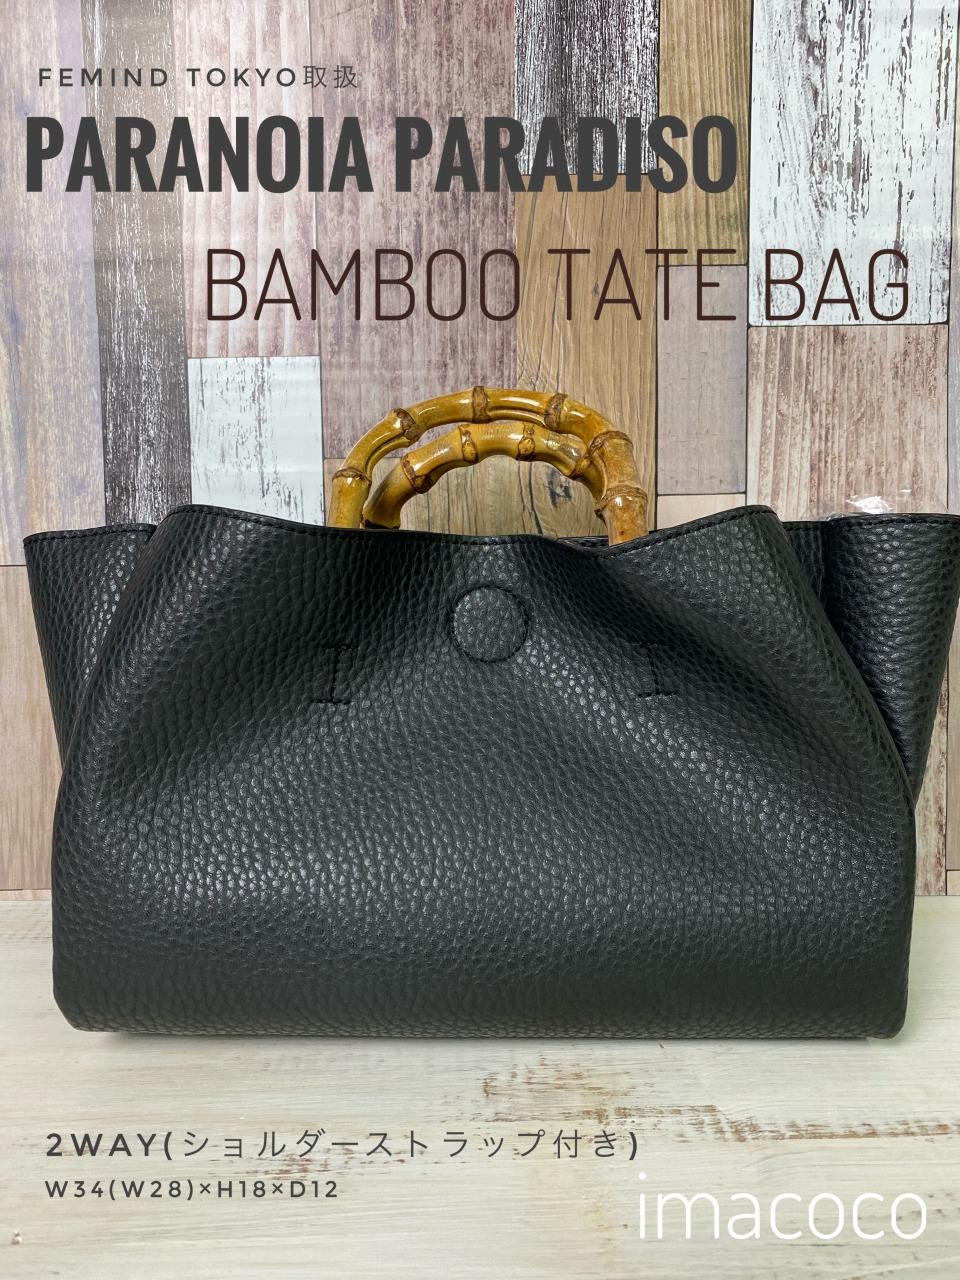 Paranoia Paradiso 人気ブランド 人気の定番 BAMBOO BAG TOTE